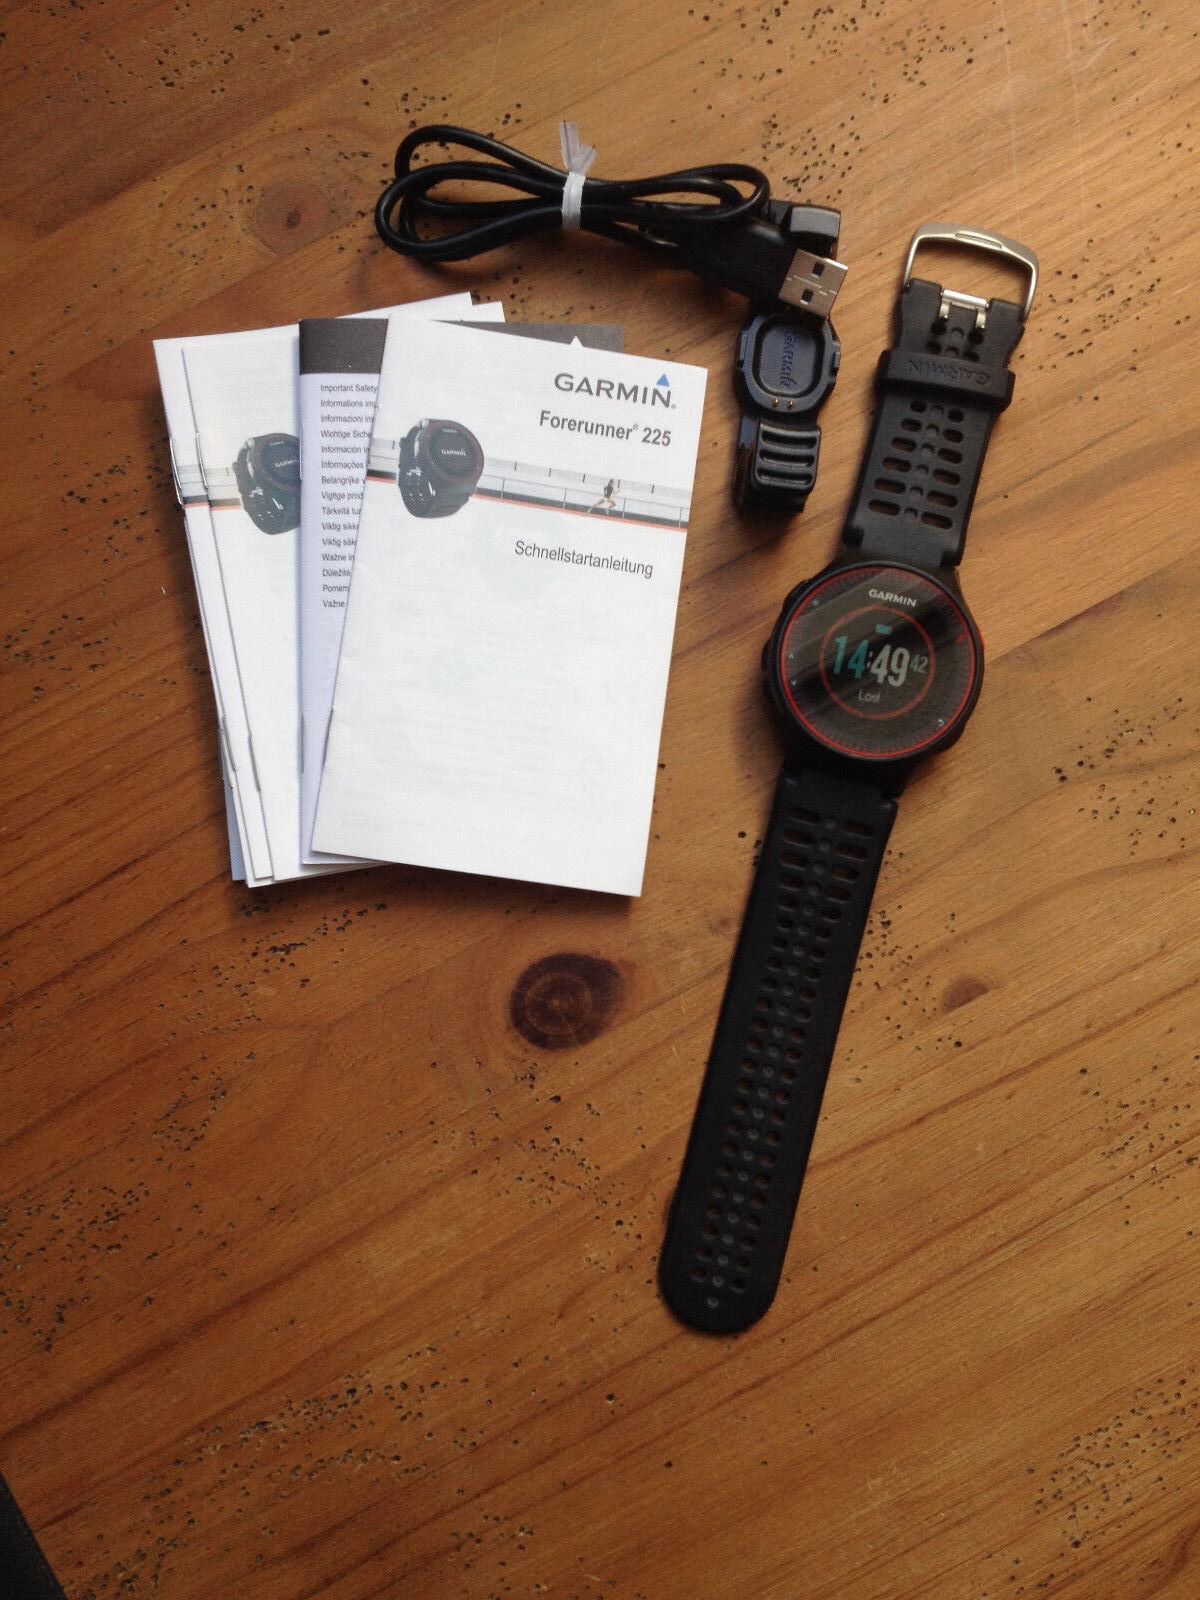 Garmin Forerunner 225 - GPS Laufuhr, Pulsmessung am Handgelenk